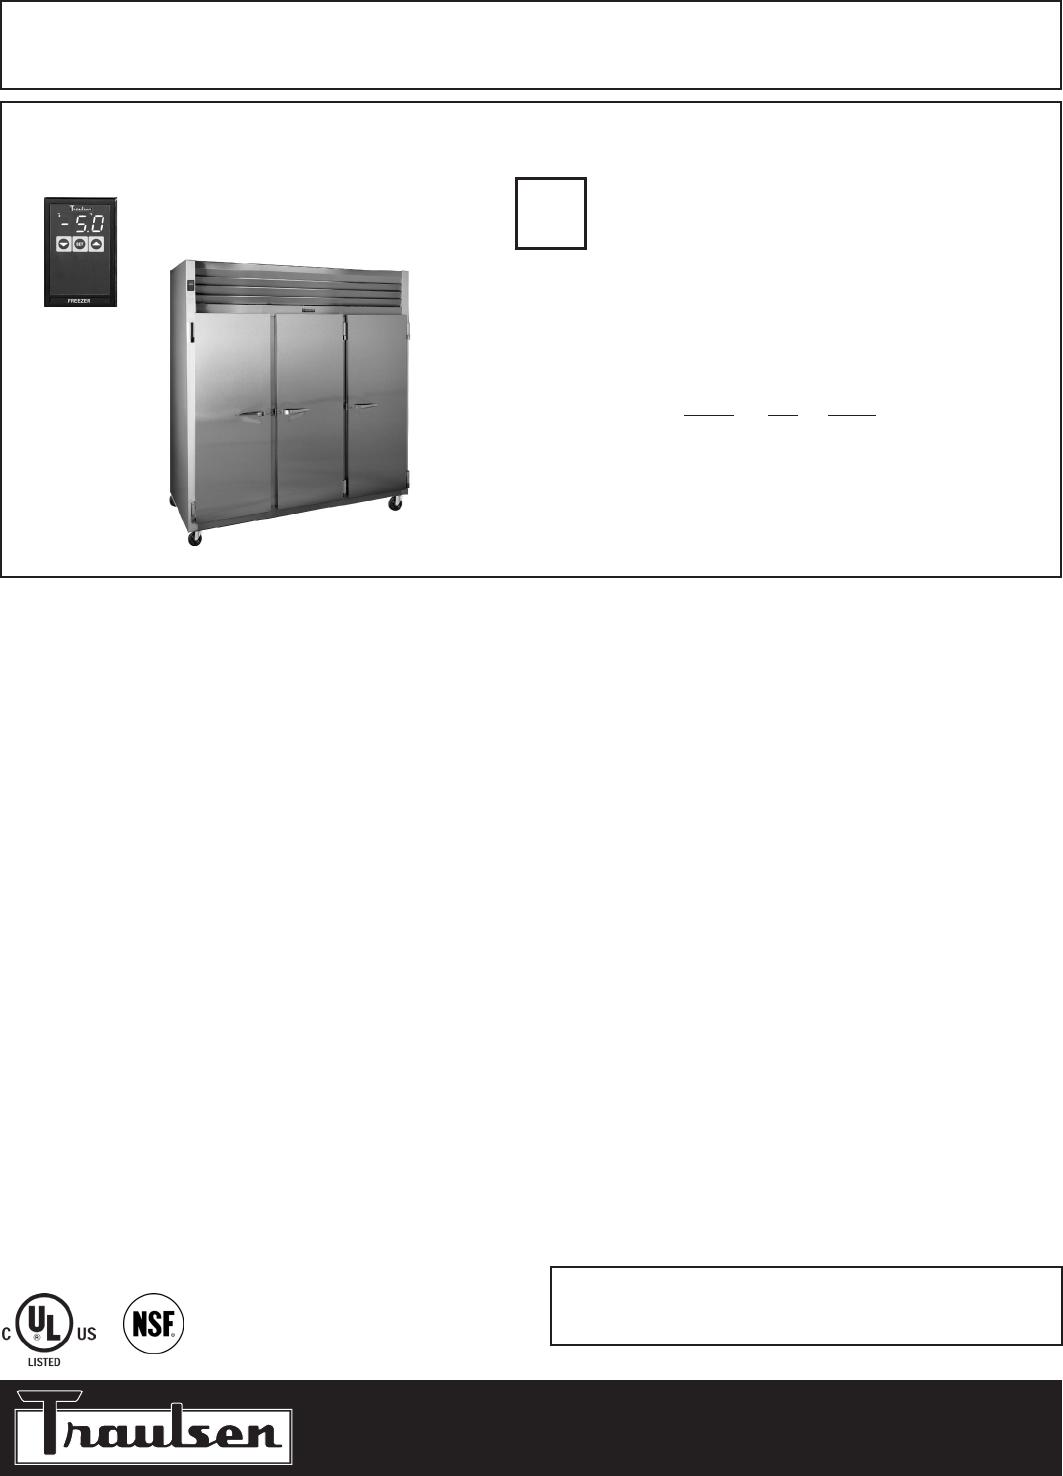 Traulsen G31010 Freezer User Manual